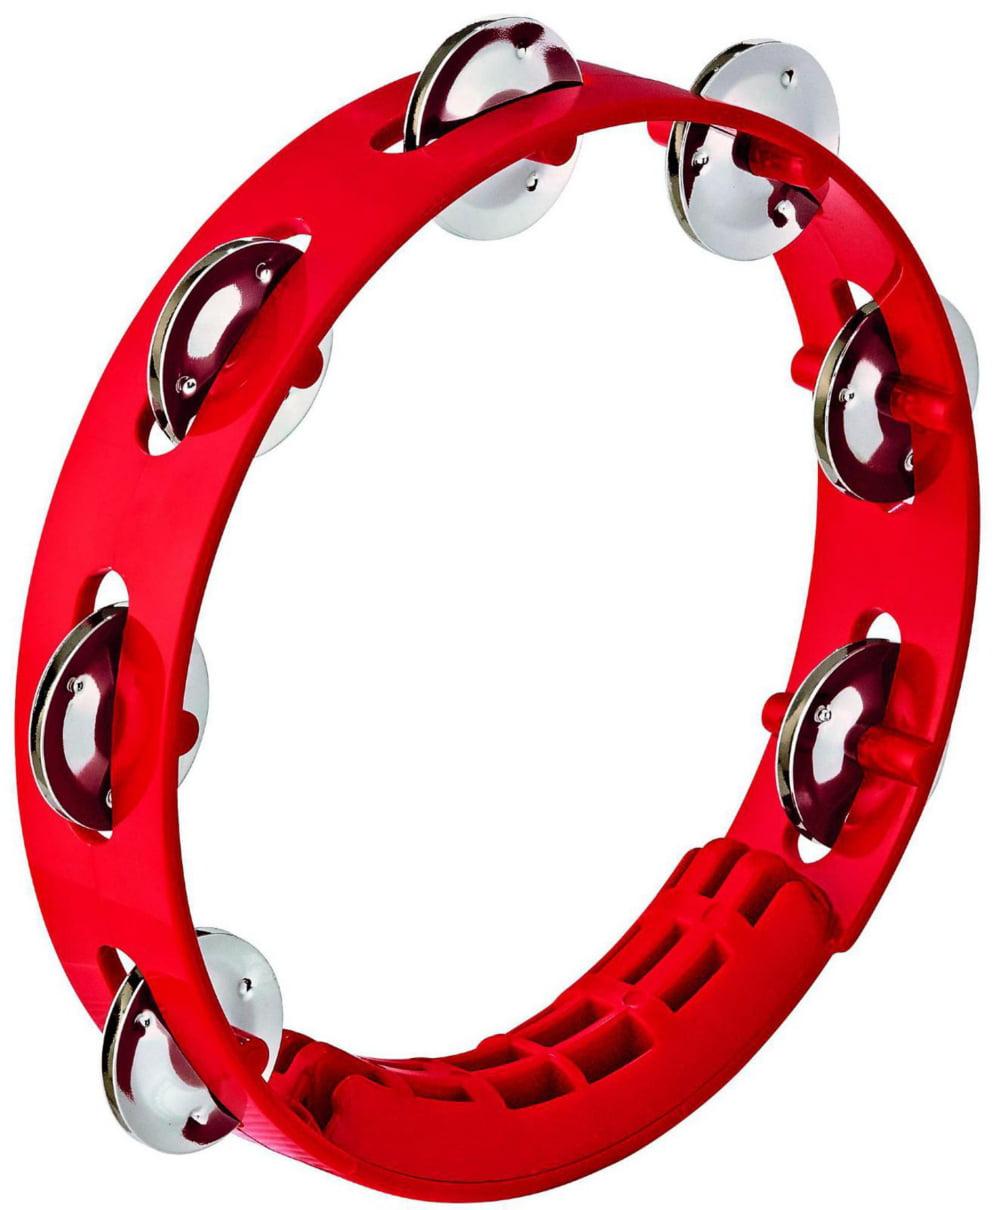 Compact ABS Plastic Handheld Tambourine by Nino